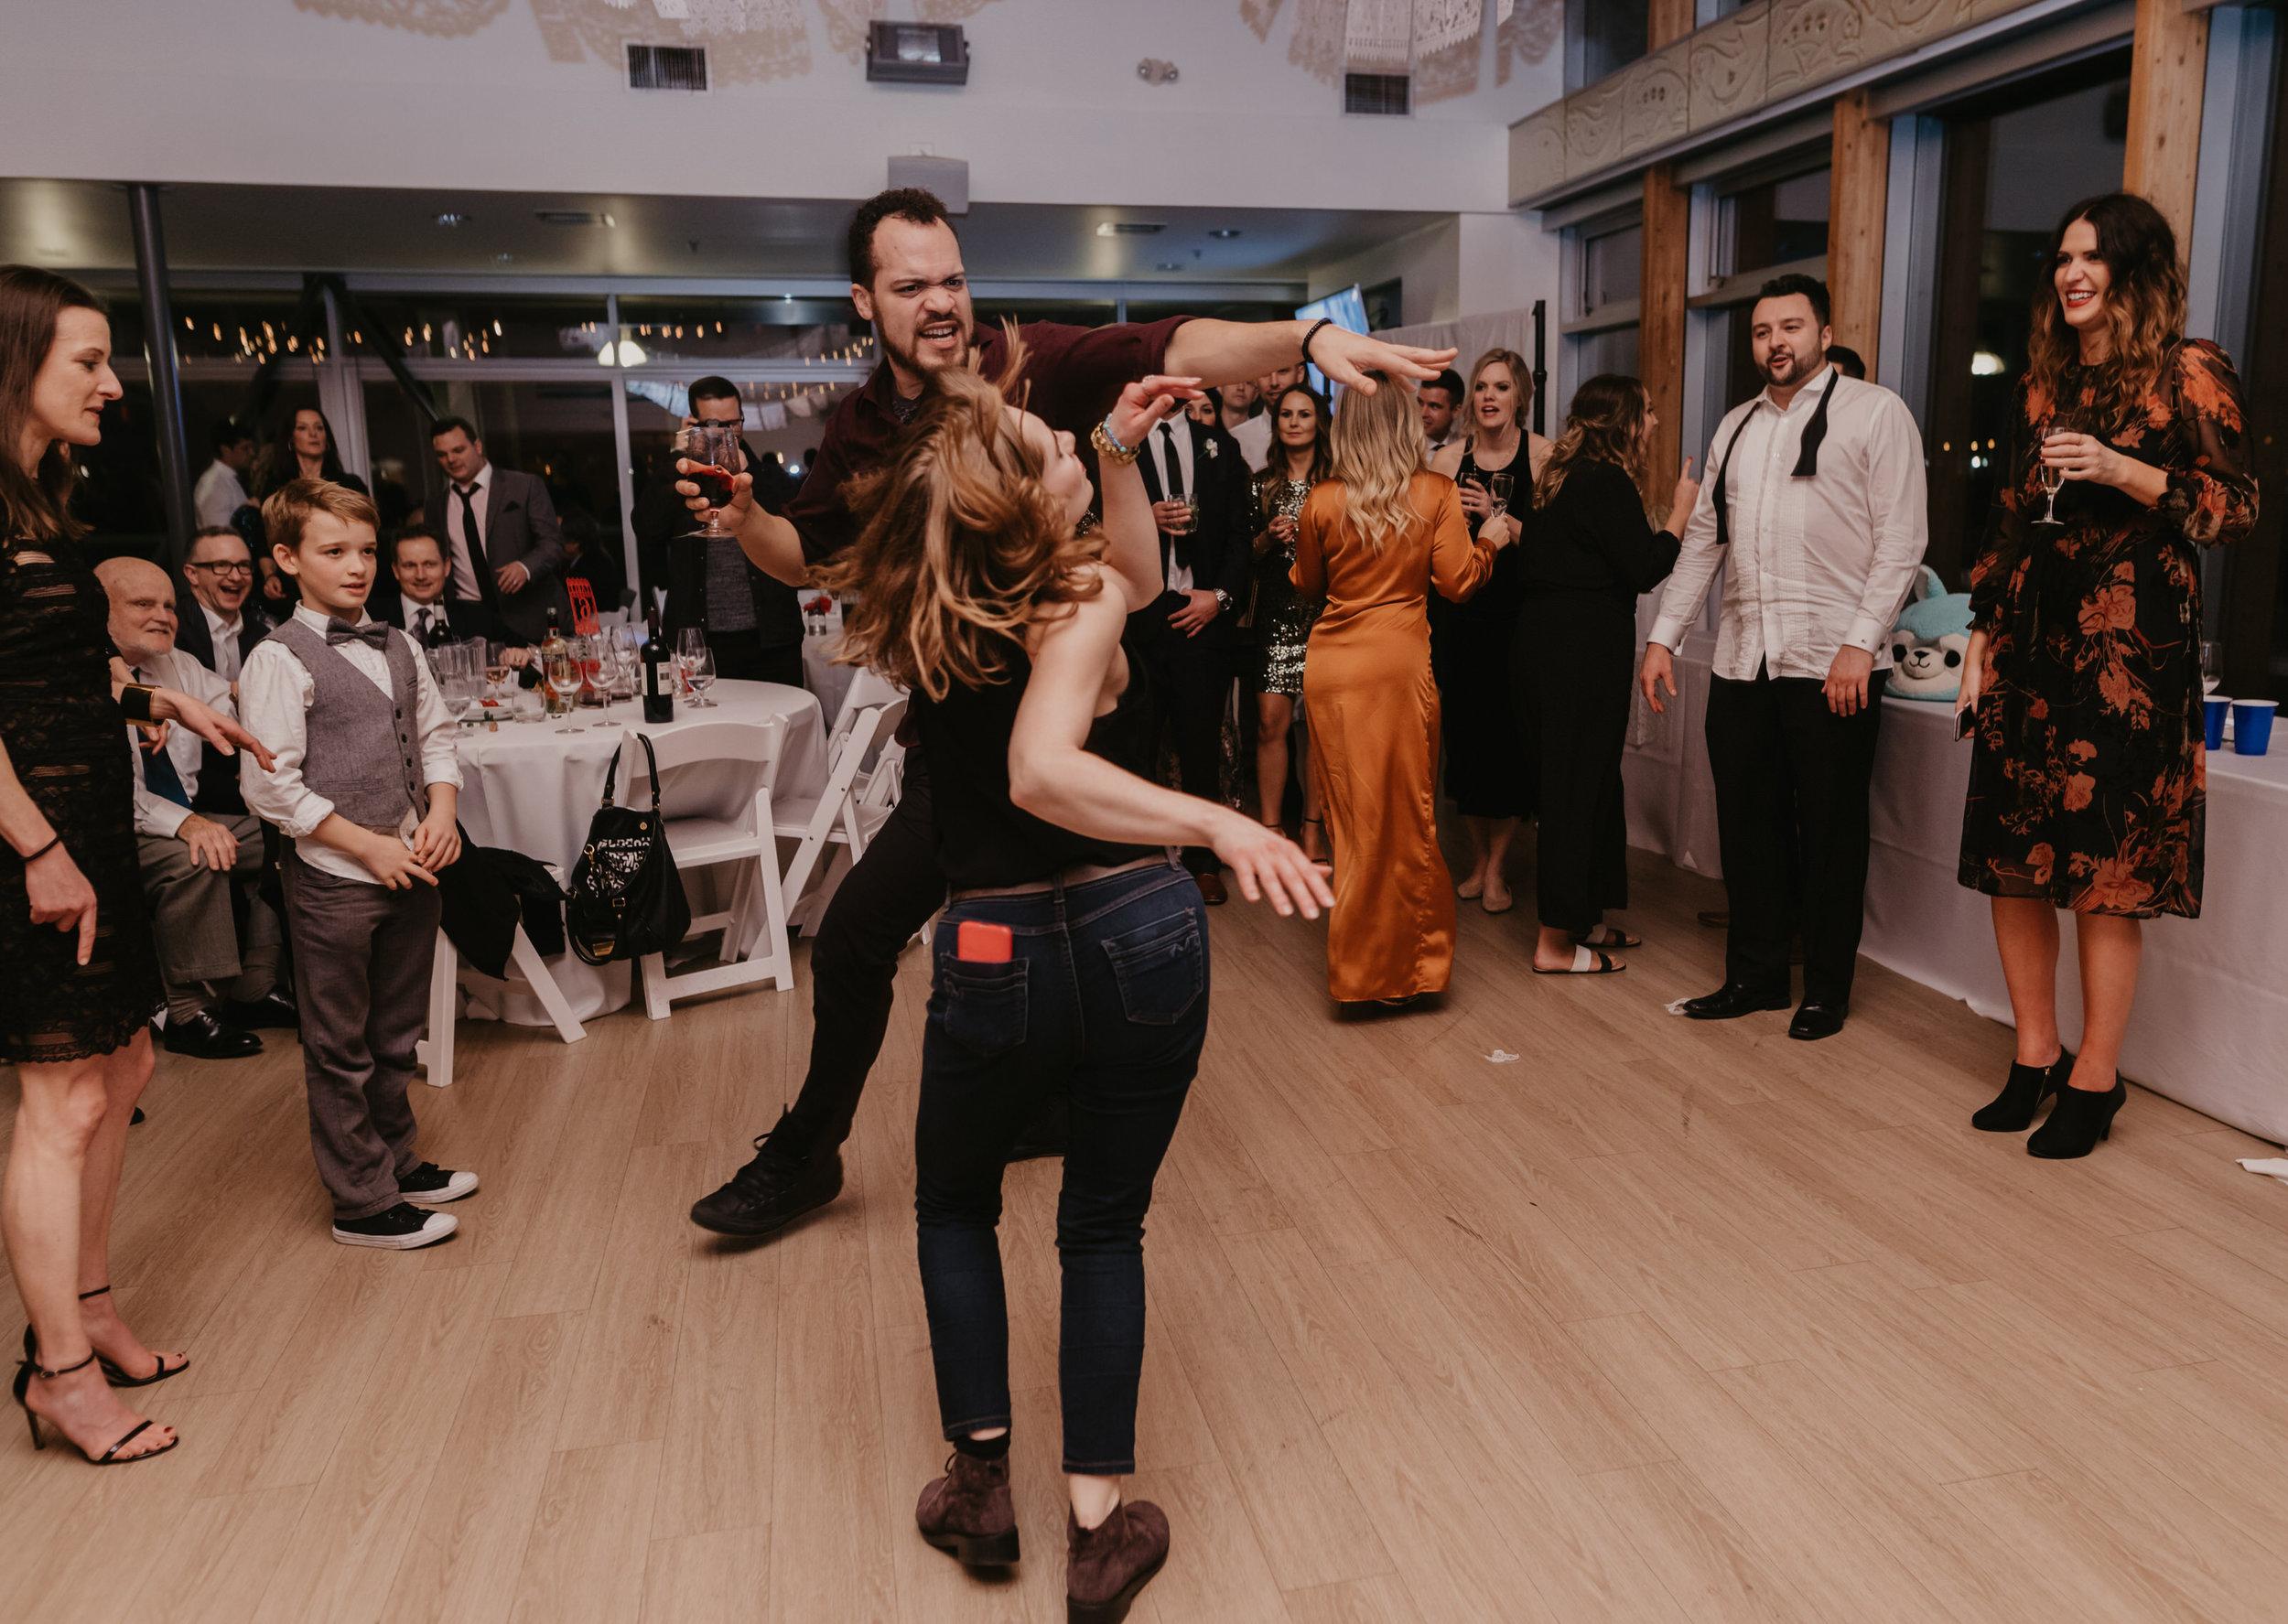 Vancouver New Years Eve Wedding - UBC Boathouse Wedding - Kitsilano Wedding Photos - Vancouver Wedding Photographer - Vancouver Wedding Videographer - 889.JPG